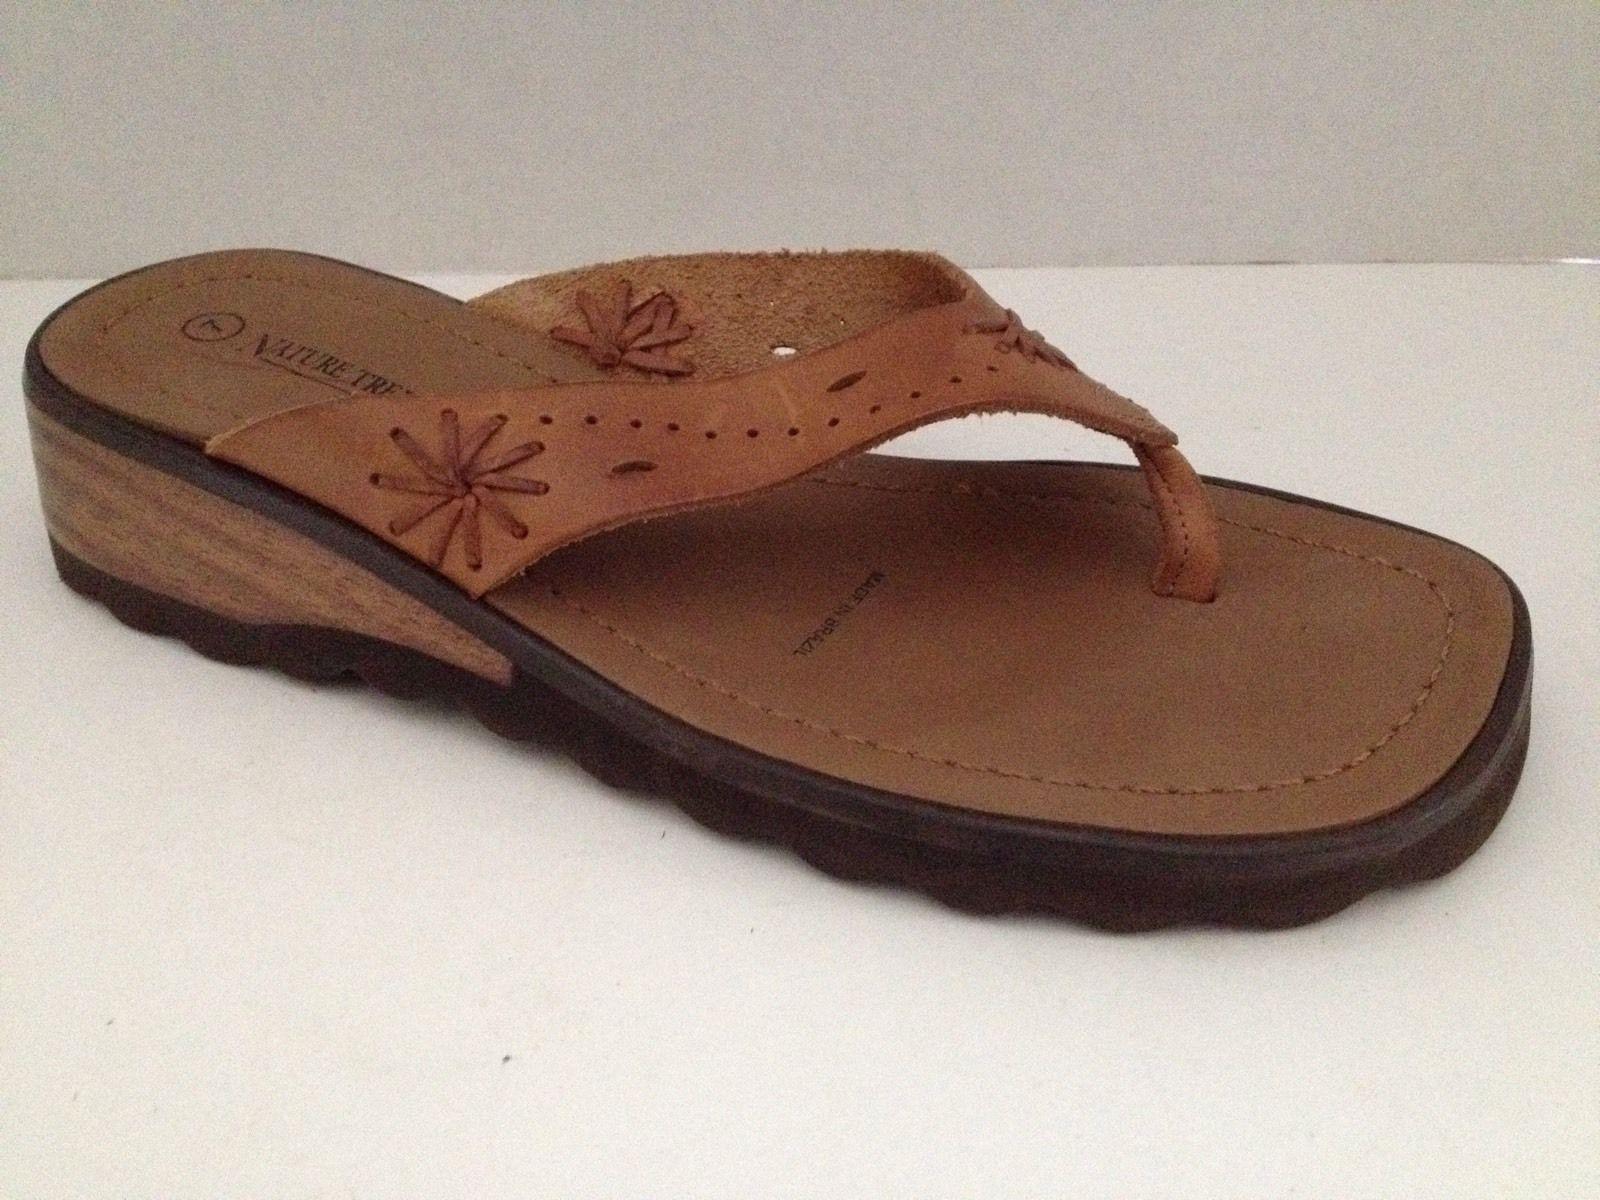 Nature Trek Sandals Womens Size 7 Shoes Tan Flip Flops -7760